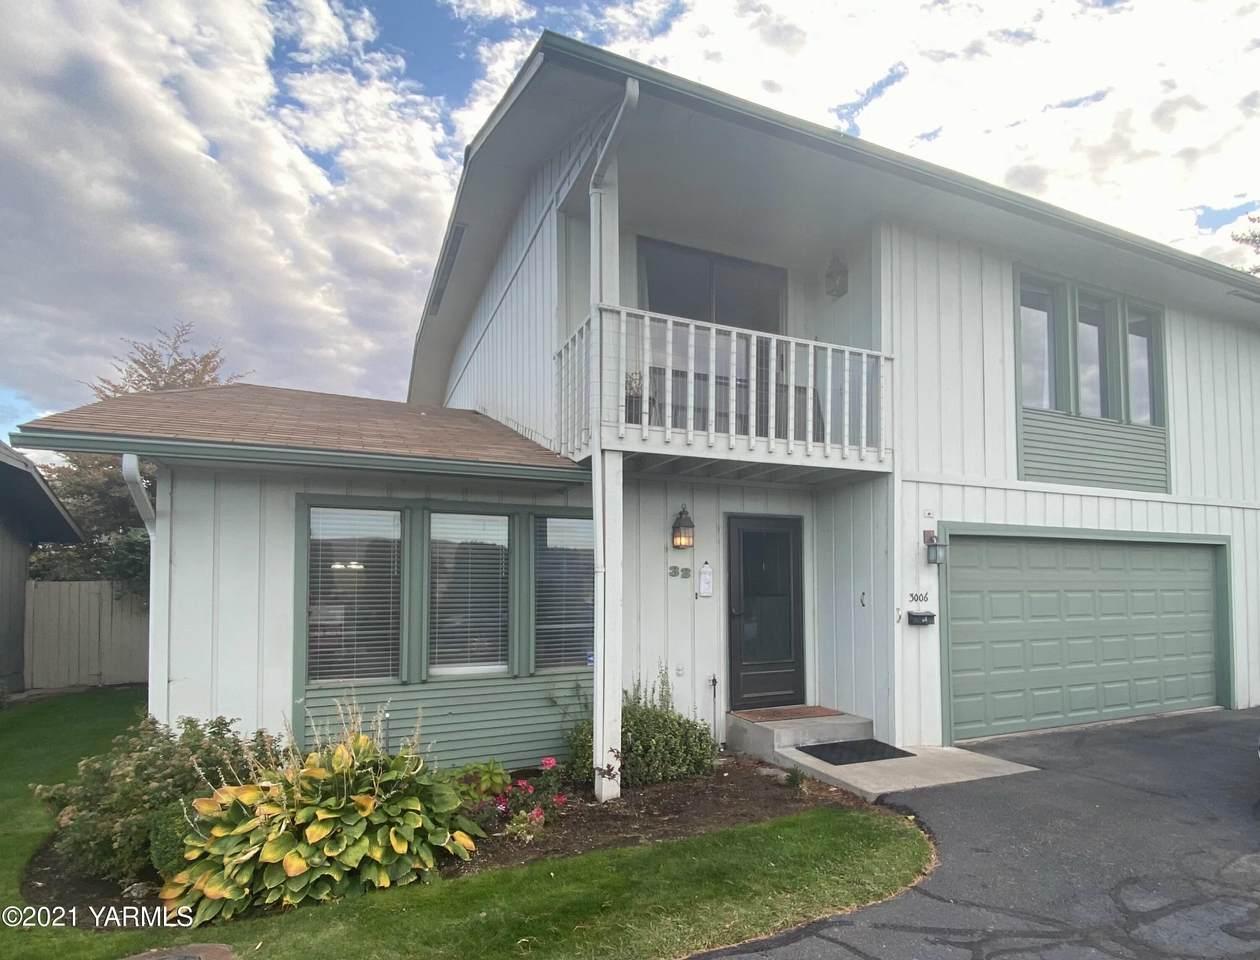 3006 Englewood Ave - Photo 1